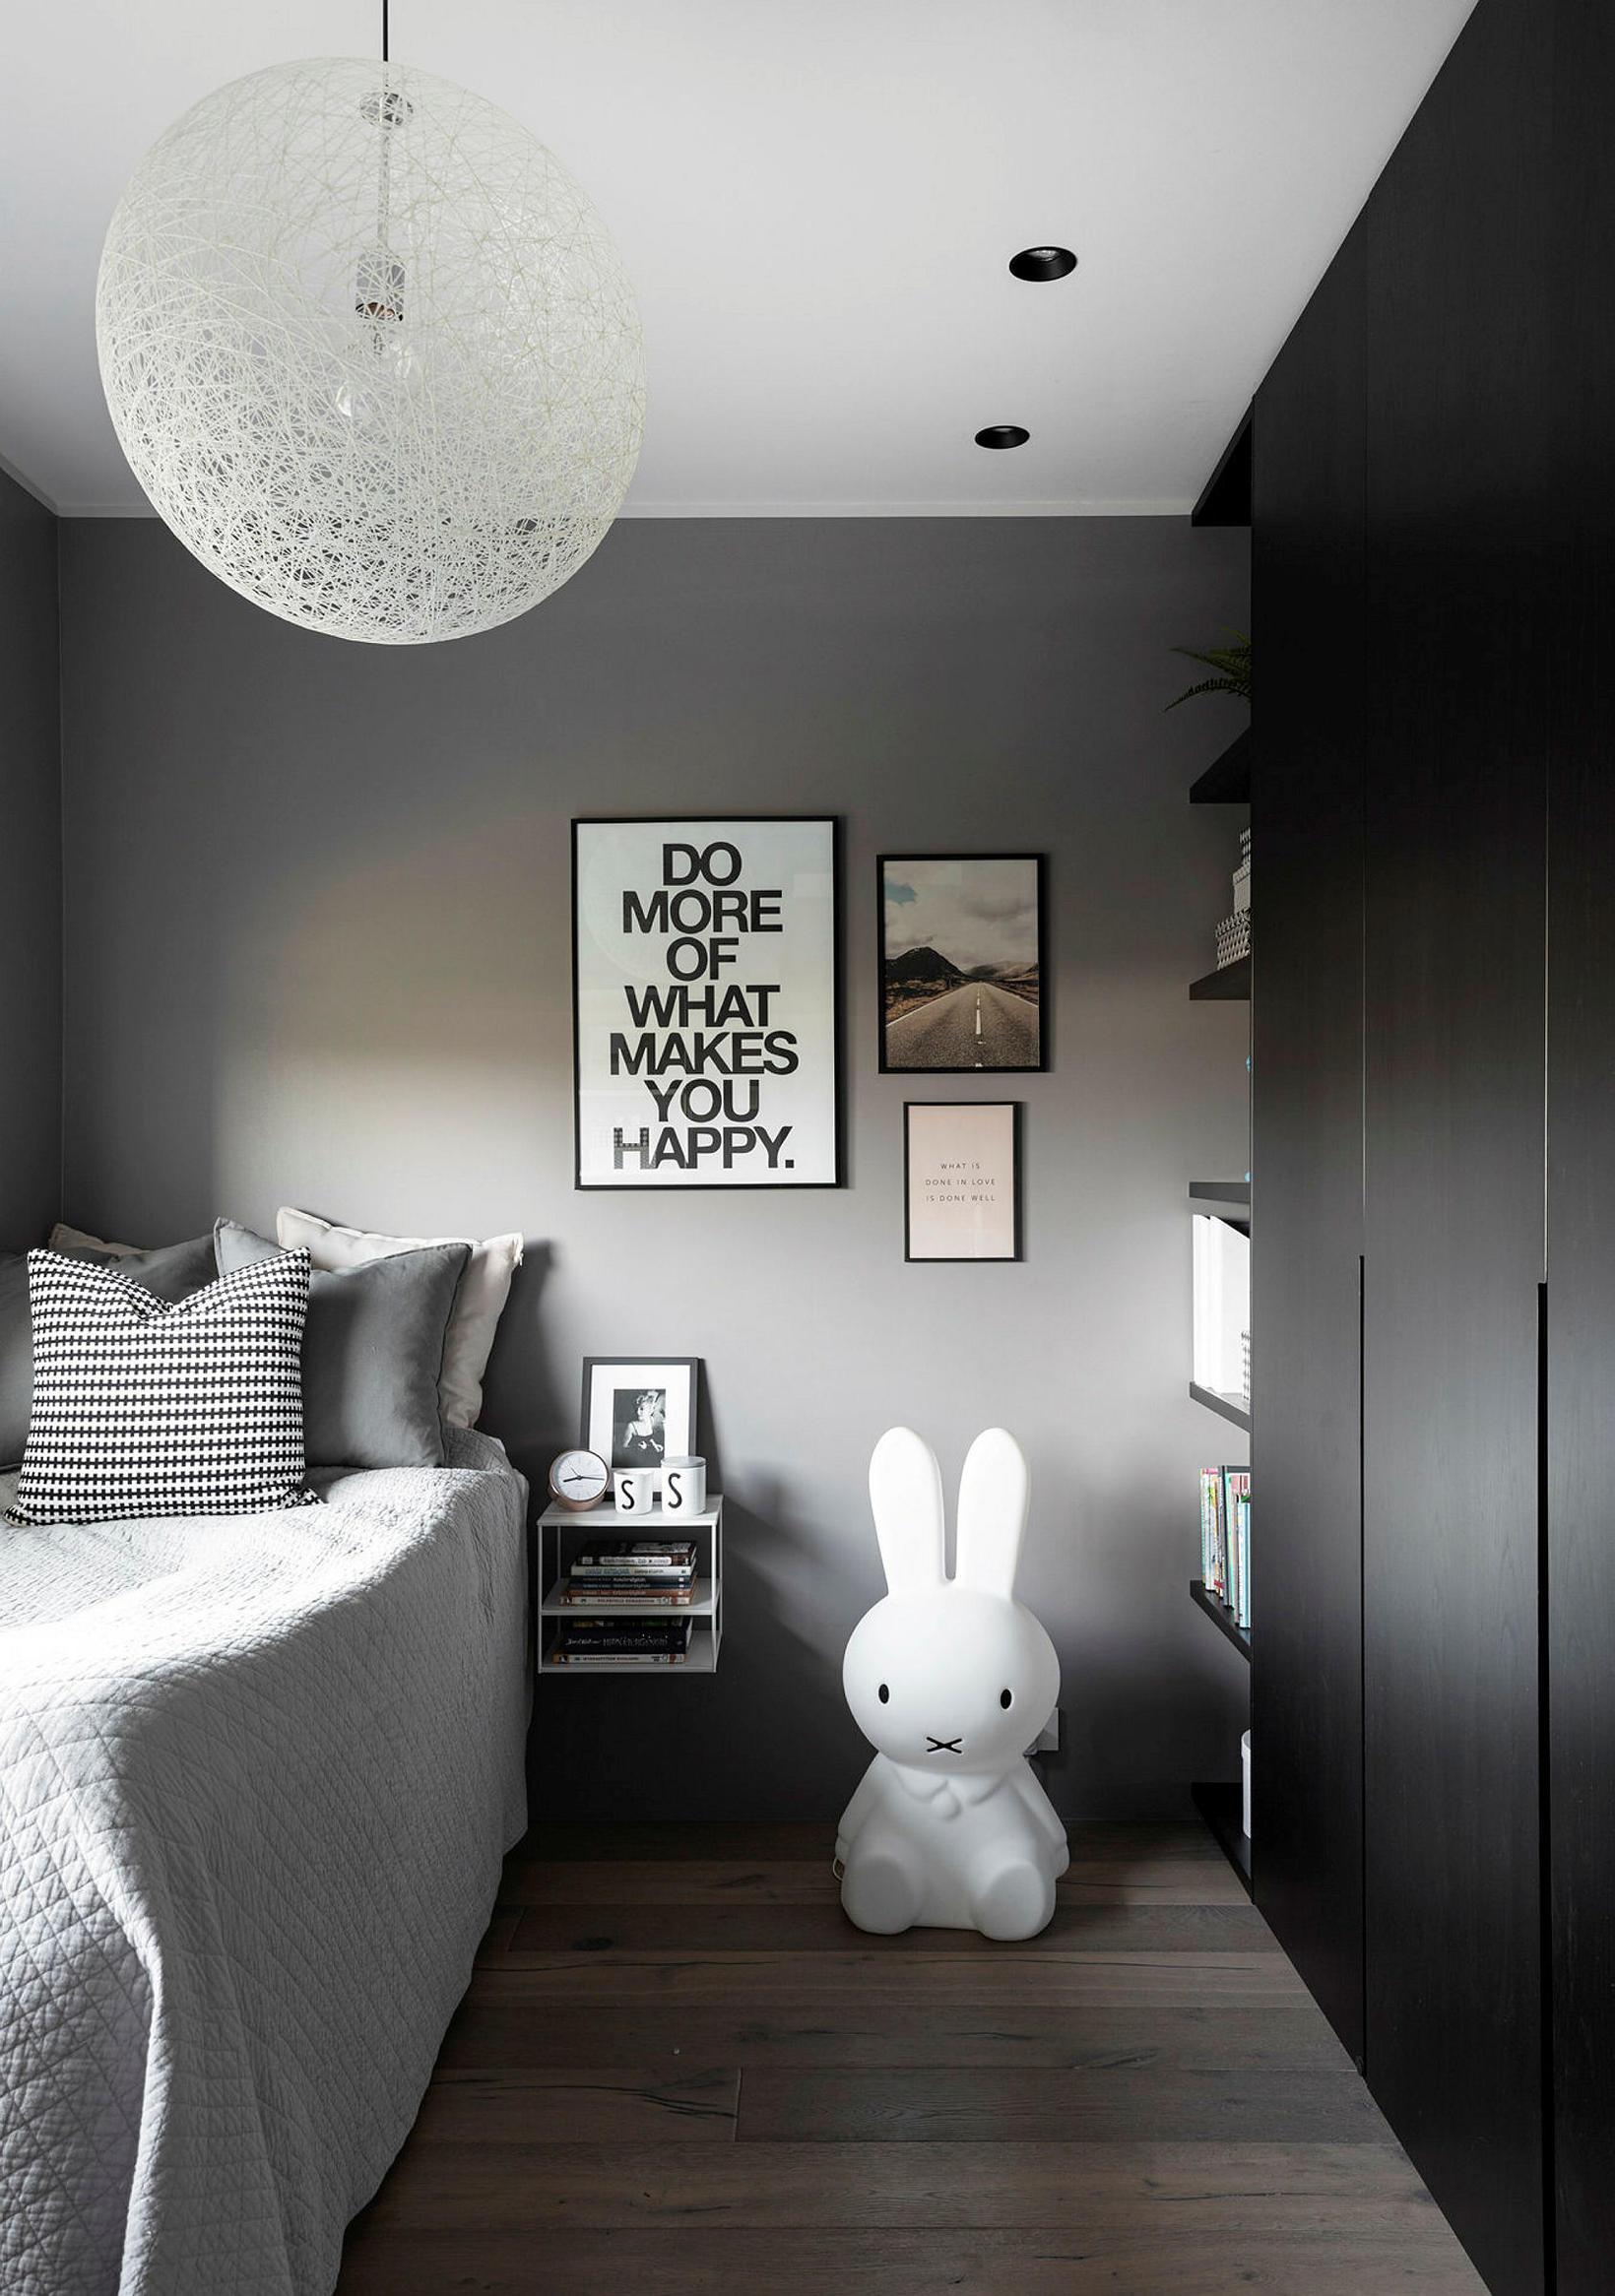 One of the children's bedrooms.